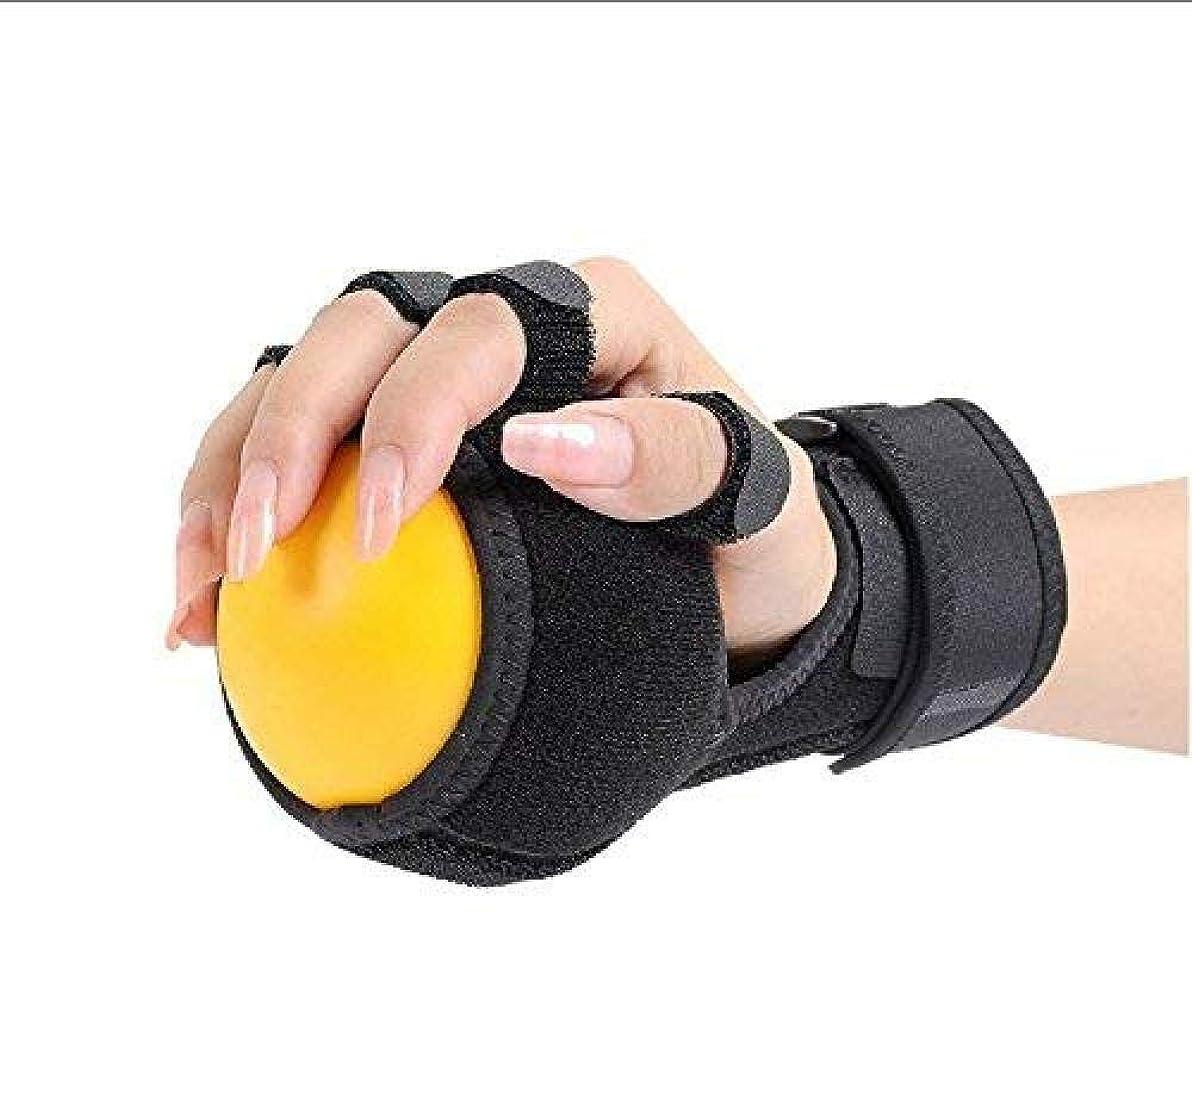 ためらう卑しい深める関節炎ハンドボールリハビリテーションのためのトリガー指装具親指サポートのためのトリガー指副木